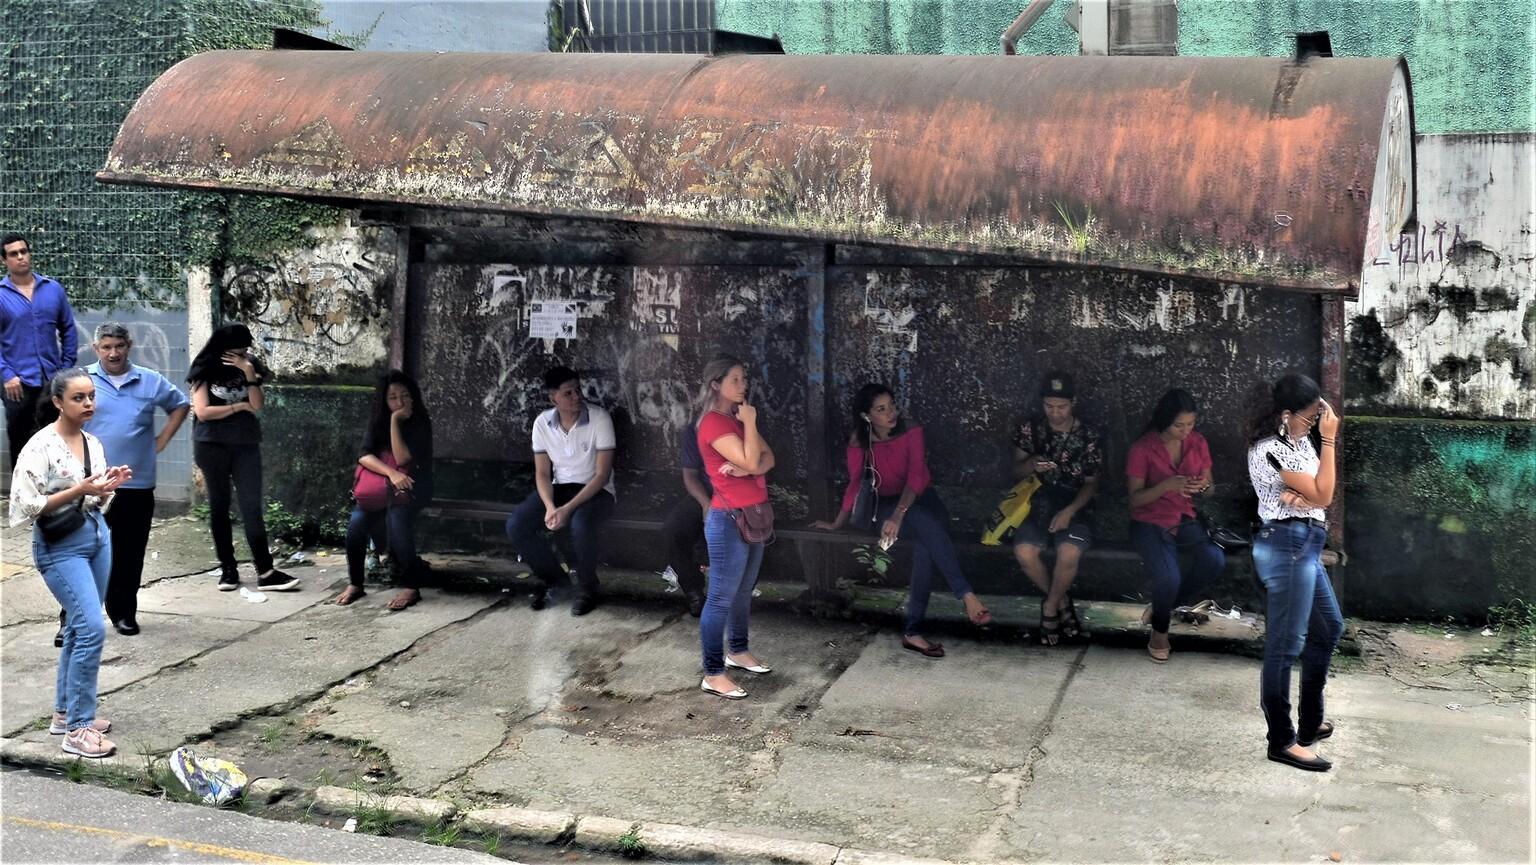 BUSHALTE BRAZILIE - OPNAME GENOMEN UIT DE BUS, EEN BUSHALTE............. - foto door jh- op 15-04-2021 - deze foto bevat: schoenen, jeans, broek, mens, infrastructuur, tempel, reizen, vrije tijd, menigte, kunst